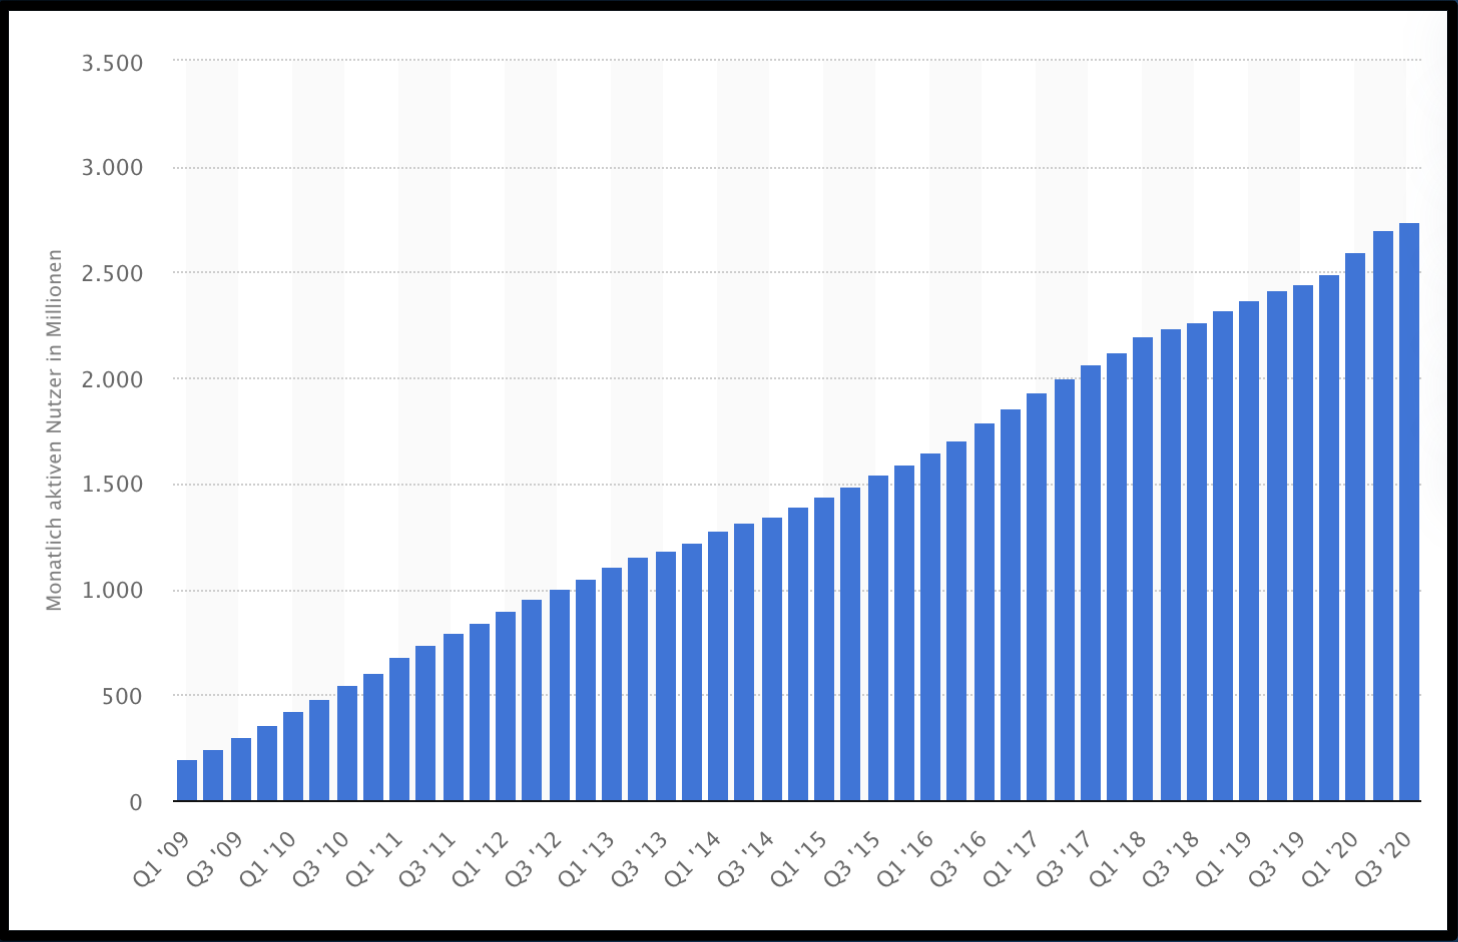 Facebook Nutzerzahlen 2010-2020